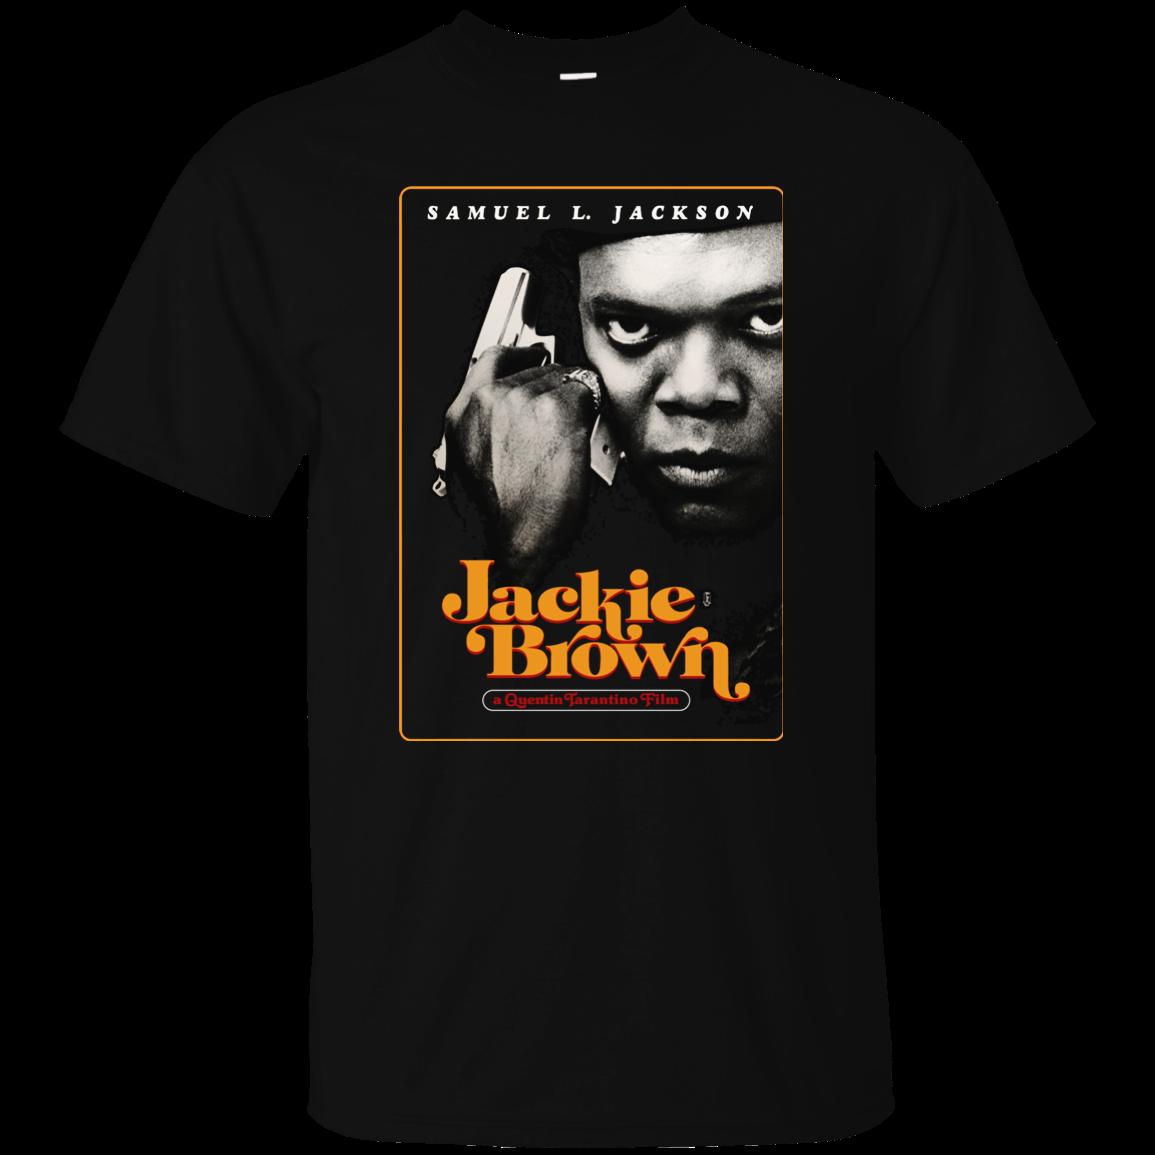 jackie-brown-jacky-samuel-l-jackson-quentin-font-b-tarantino-b-font-movie-t-shirt-cool-casual-pride-t-shirt-men-unisex-fashion-tshirt